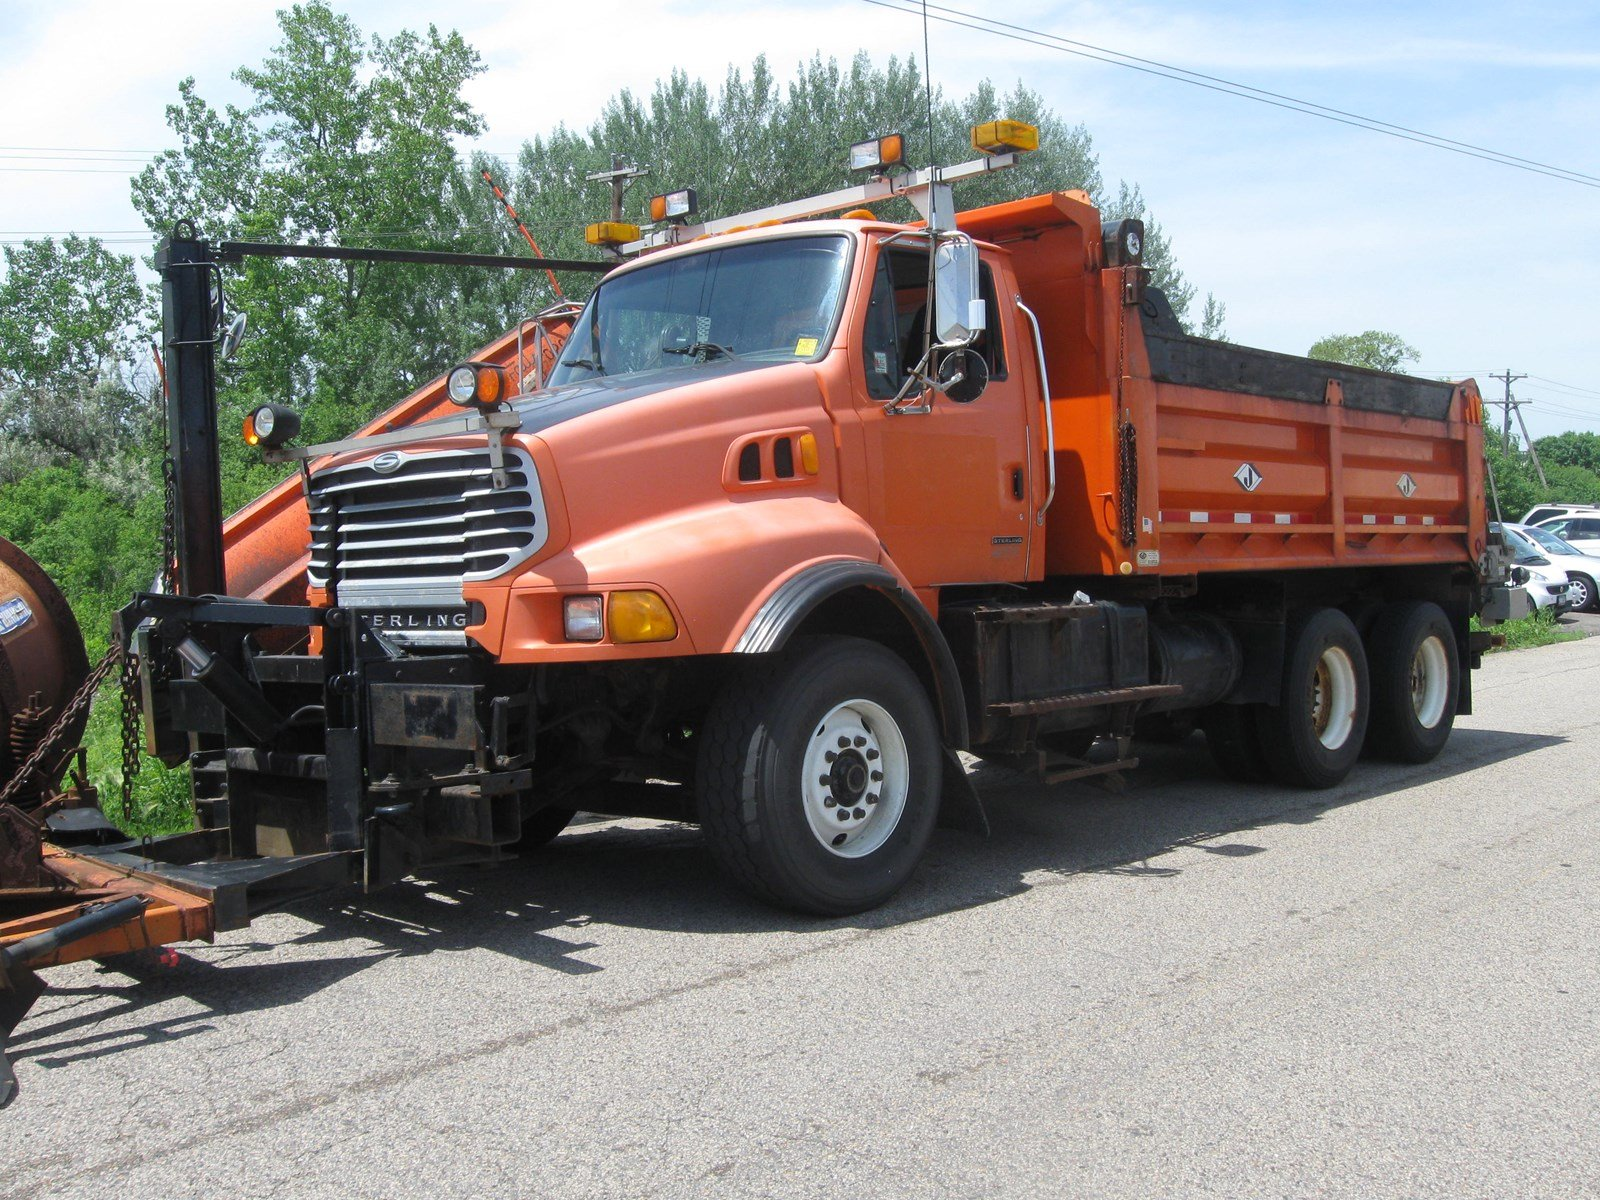 2002 Sterling LT9513 T/A Plow Plow Trucks